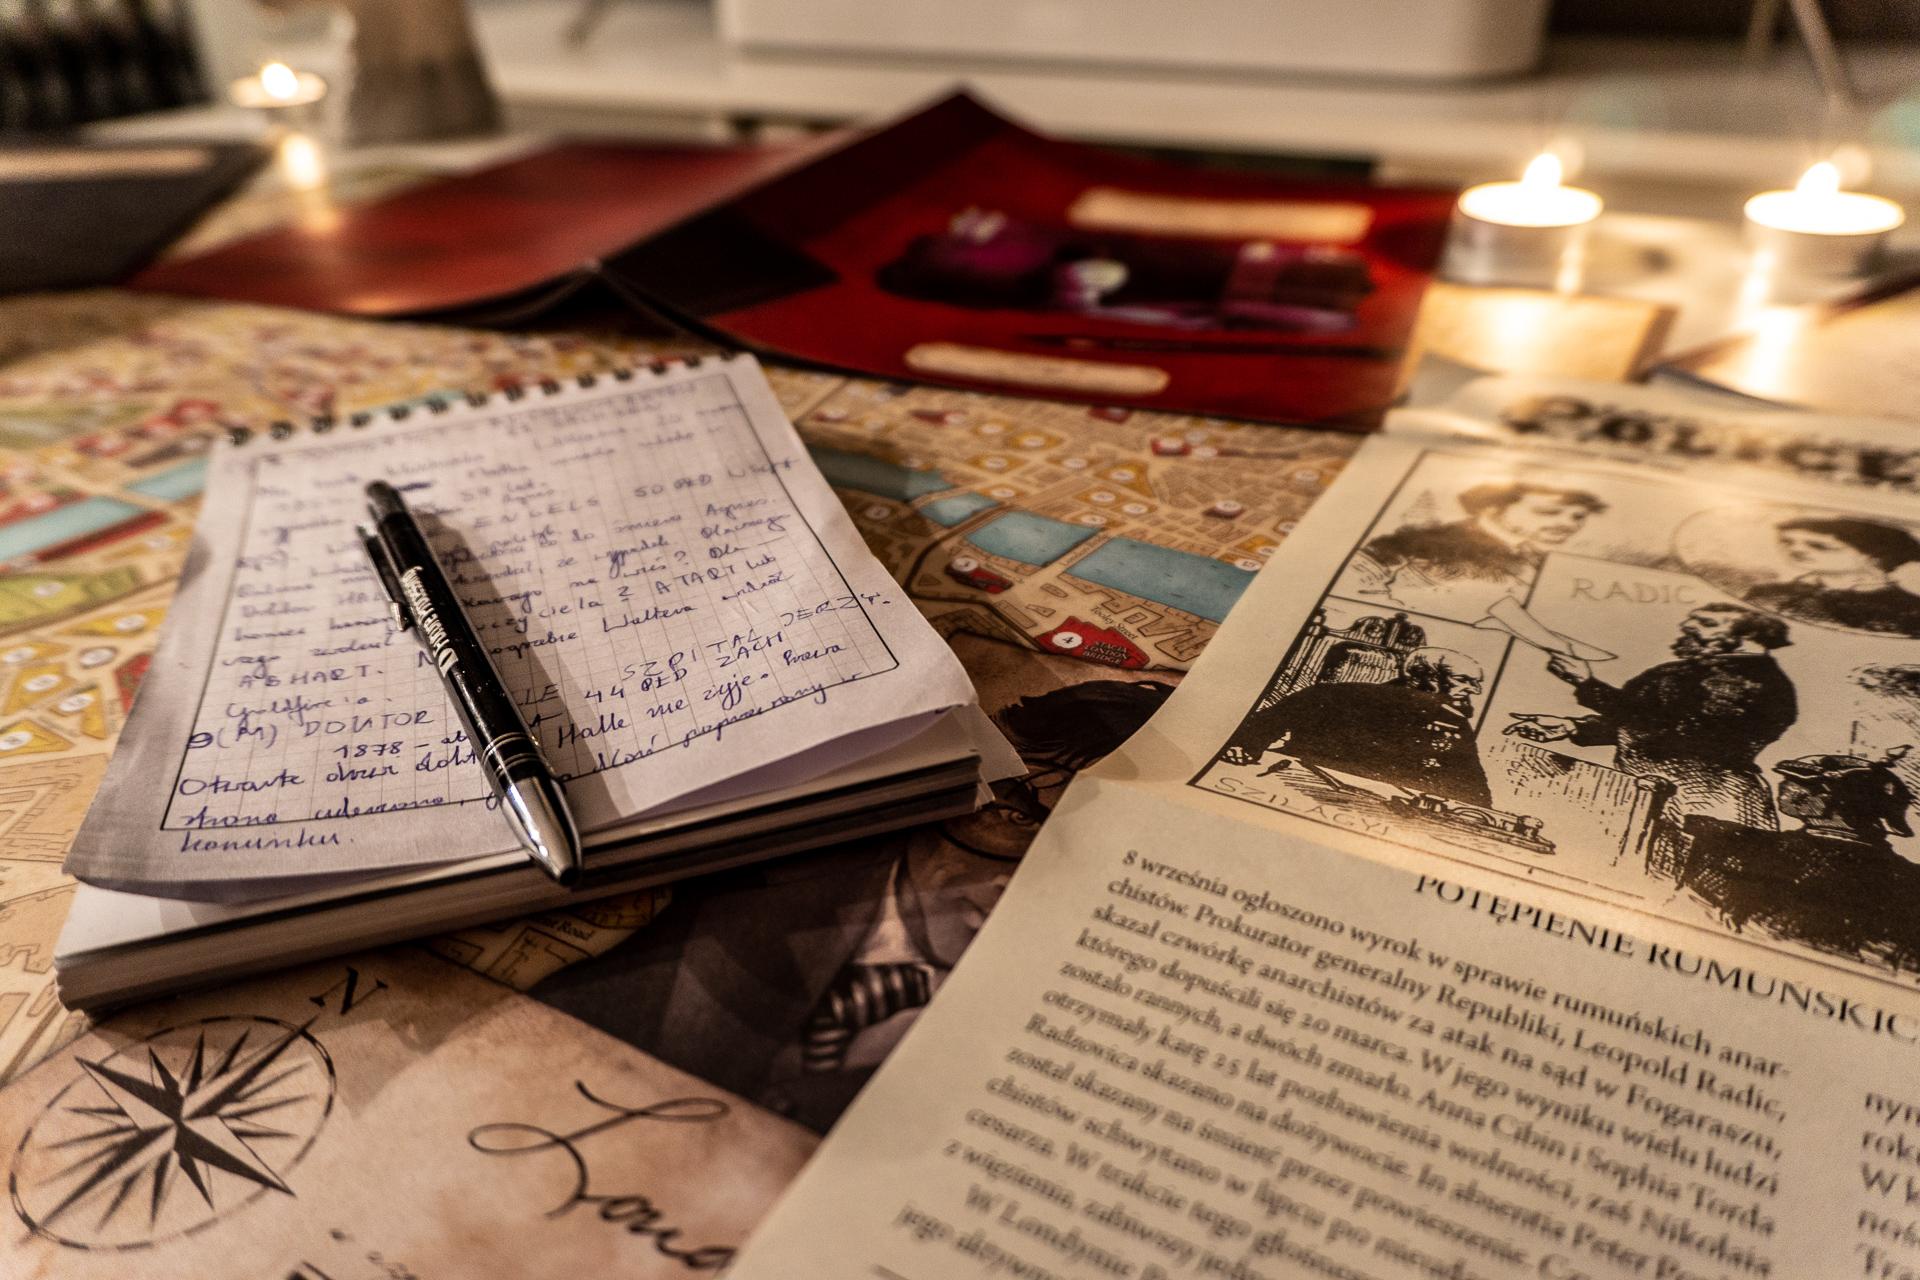 Recenzja Sherlock Holmes: Detektyw Doradczy - ależ piękne